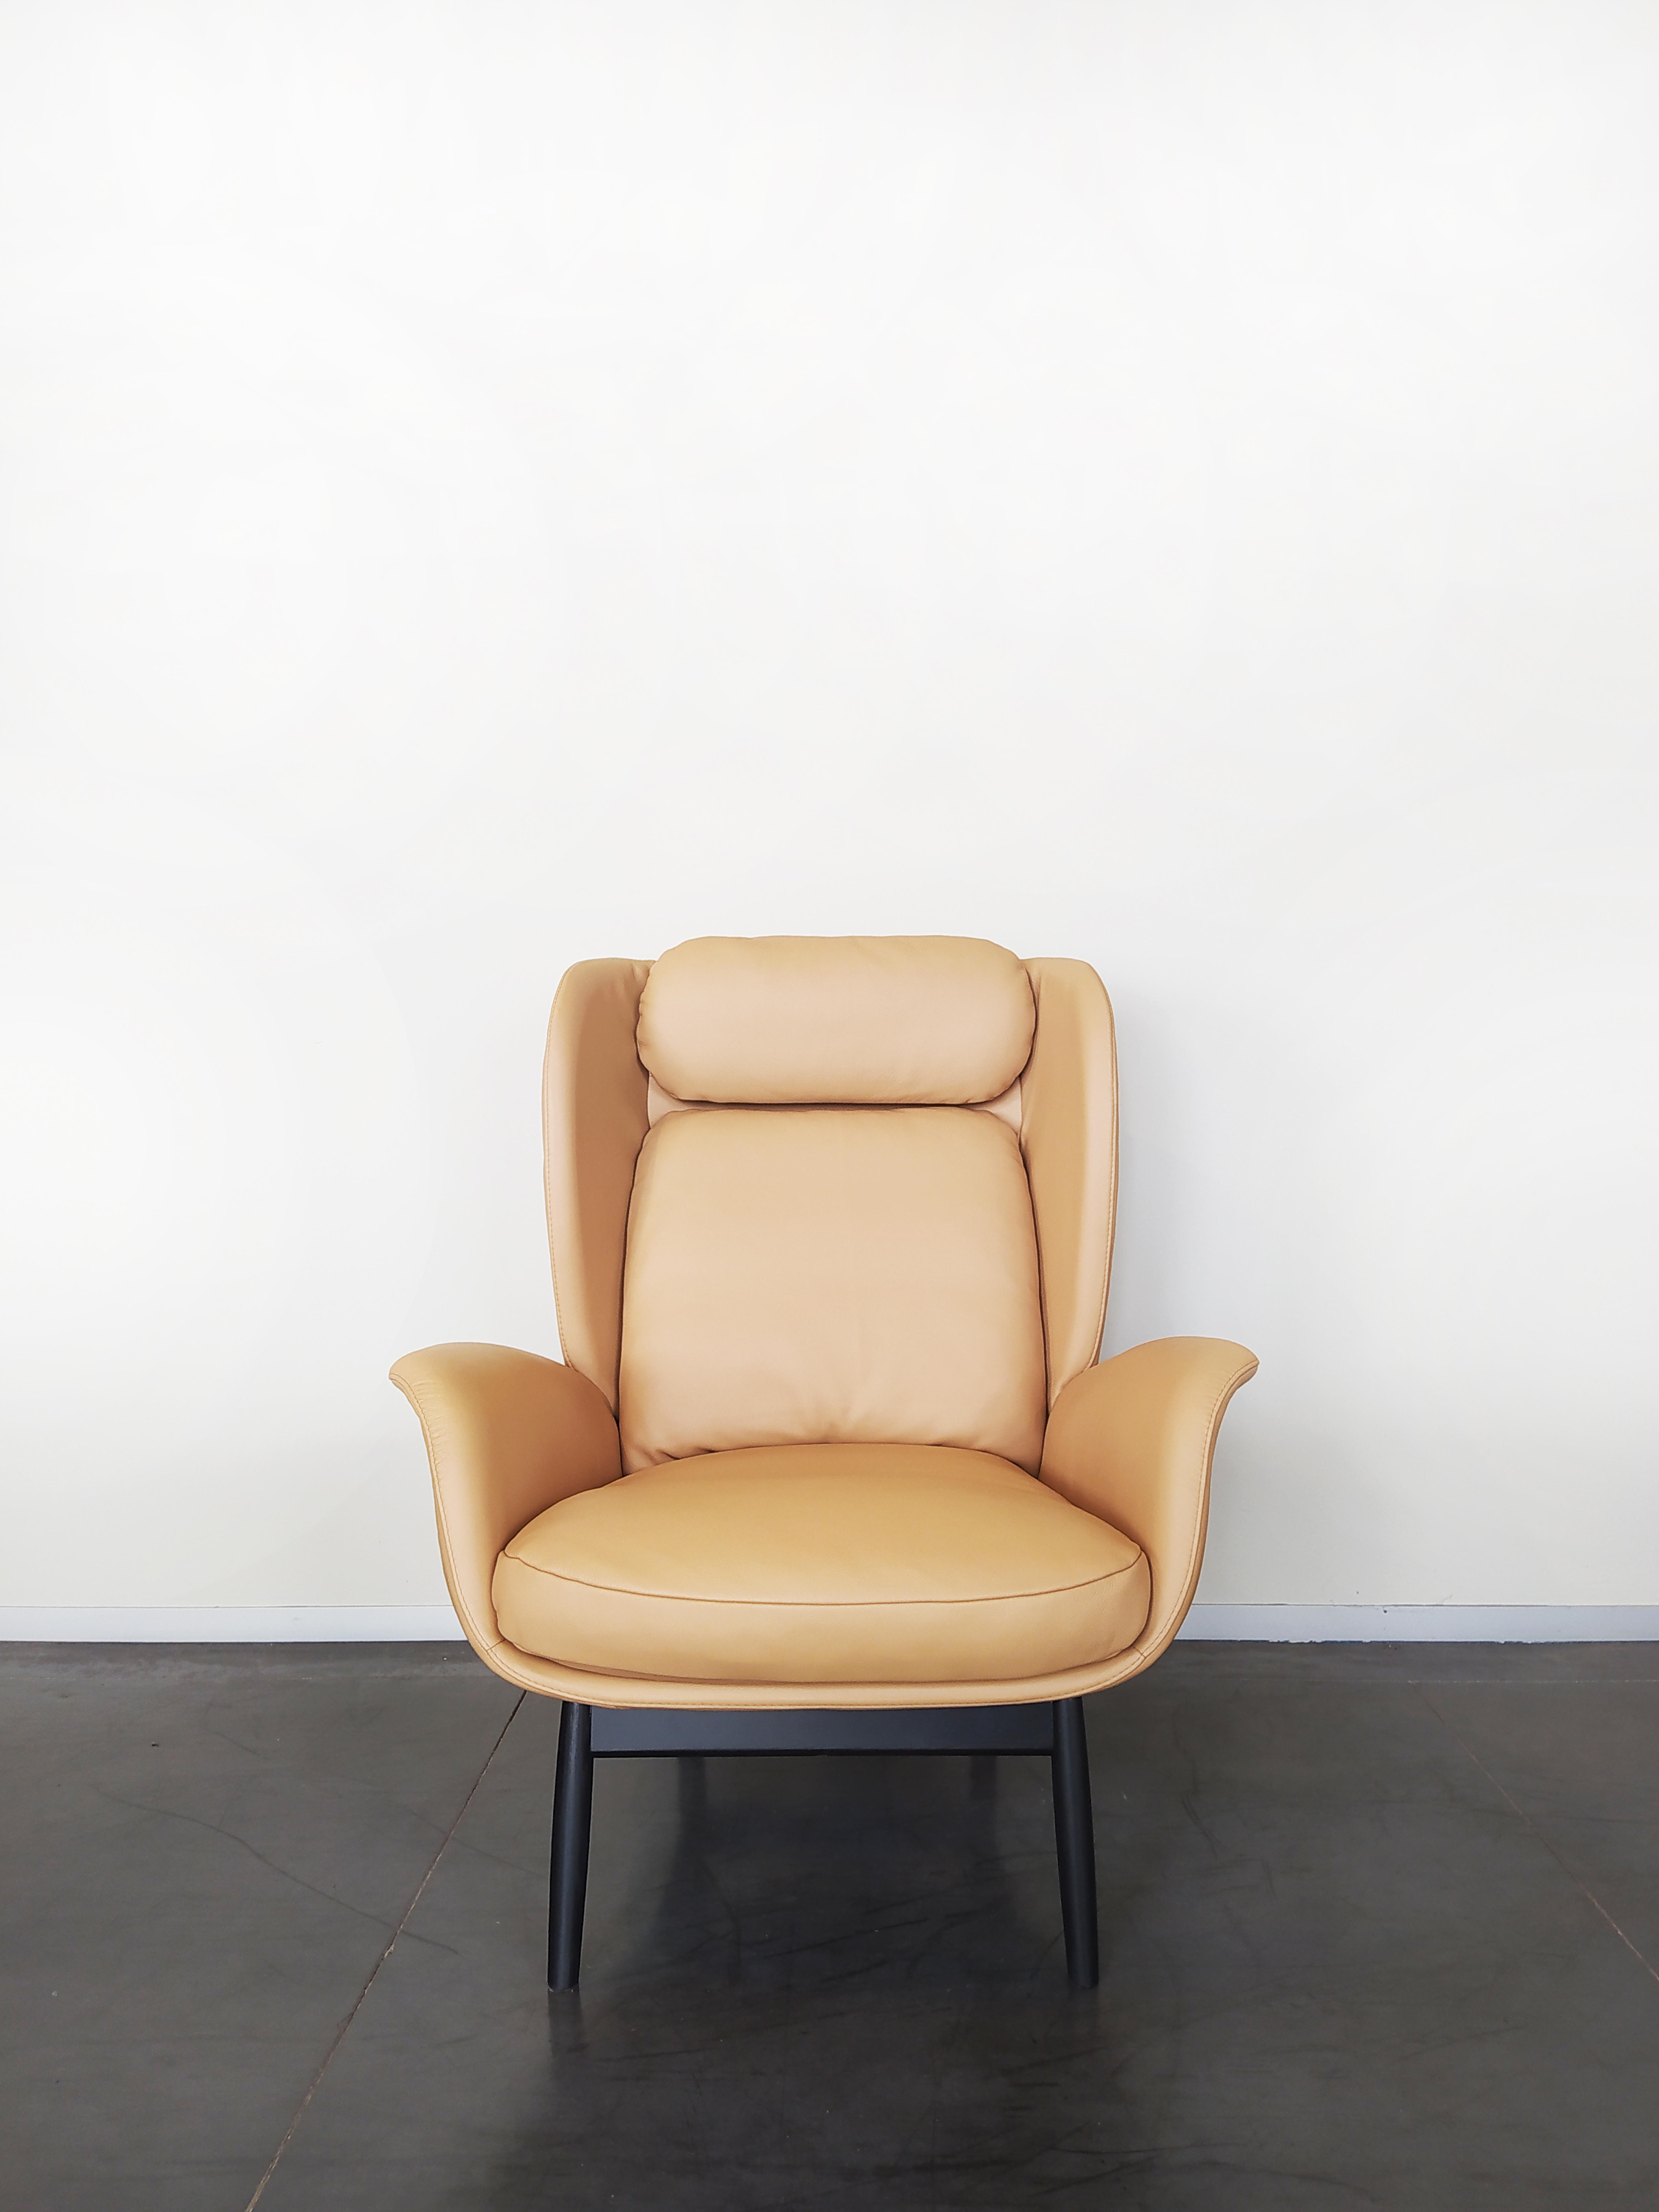 Evolution-hasselt-interieurwinkel-meubelen-design-fauteuils-jane-fauteuil-leder-vooraanzicht